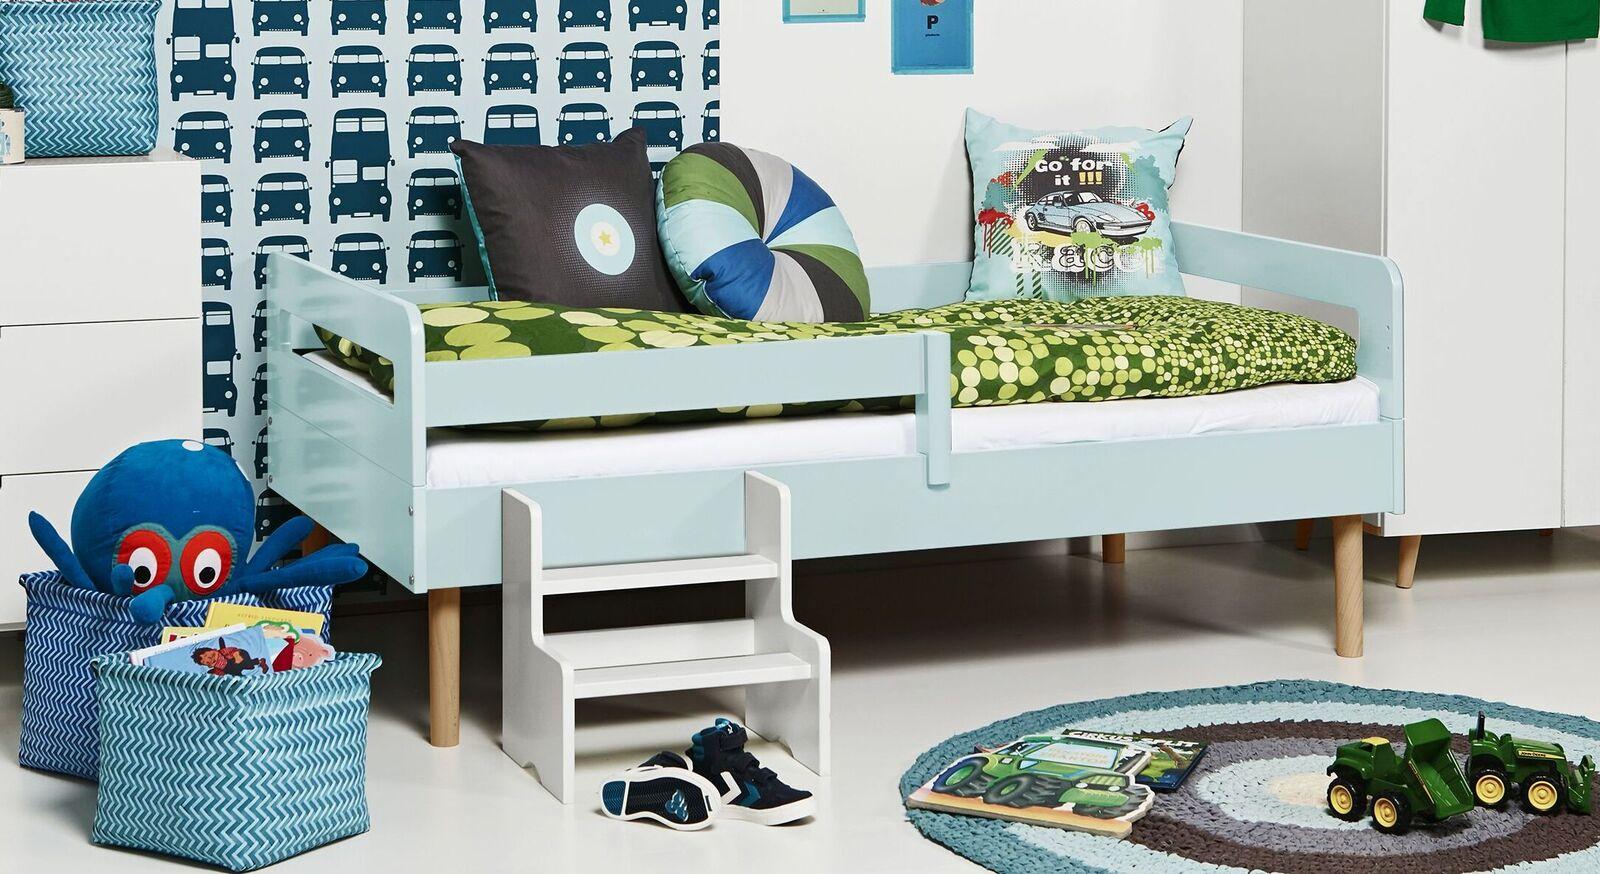 Modernes Kinderbett Kids Town Retro aus hellblauem MDF